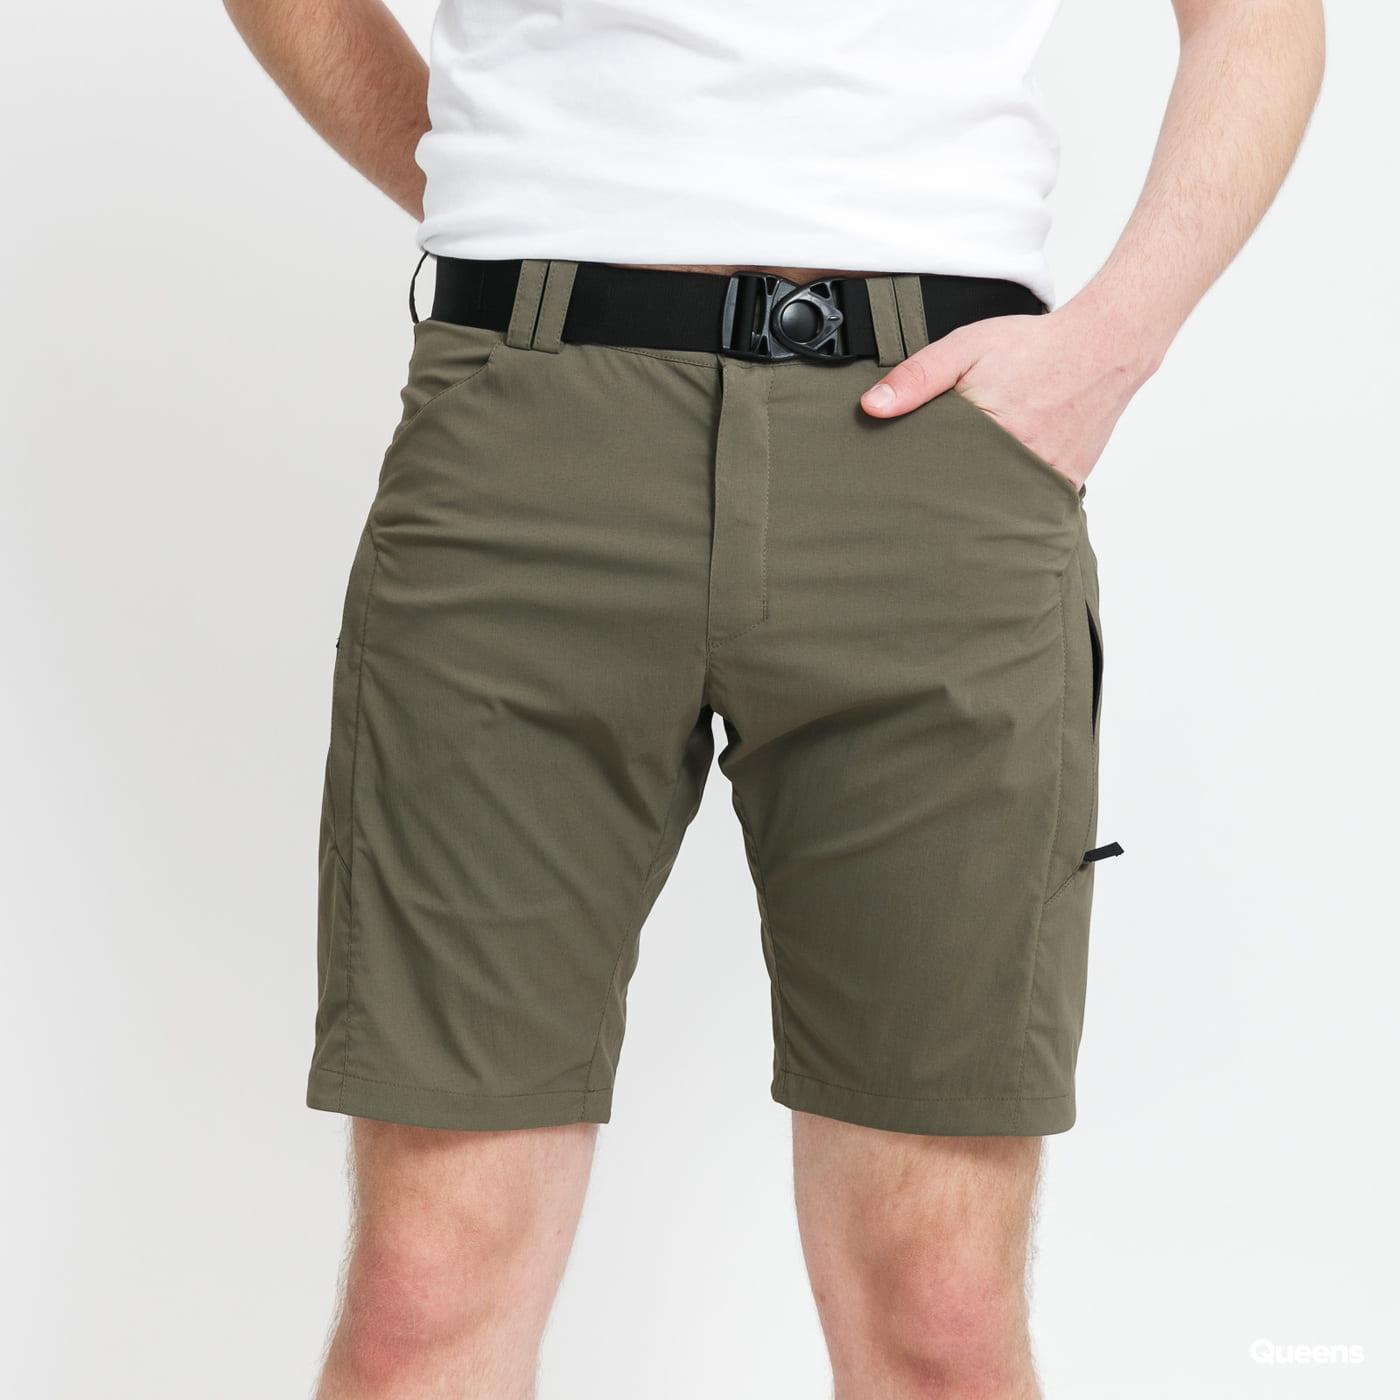 POUTNIK BY TILAK London Shorts olivové